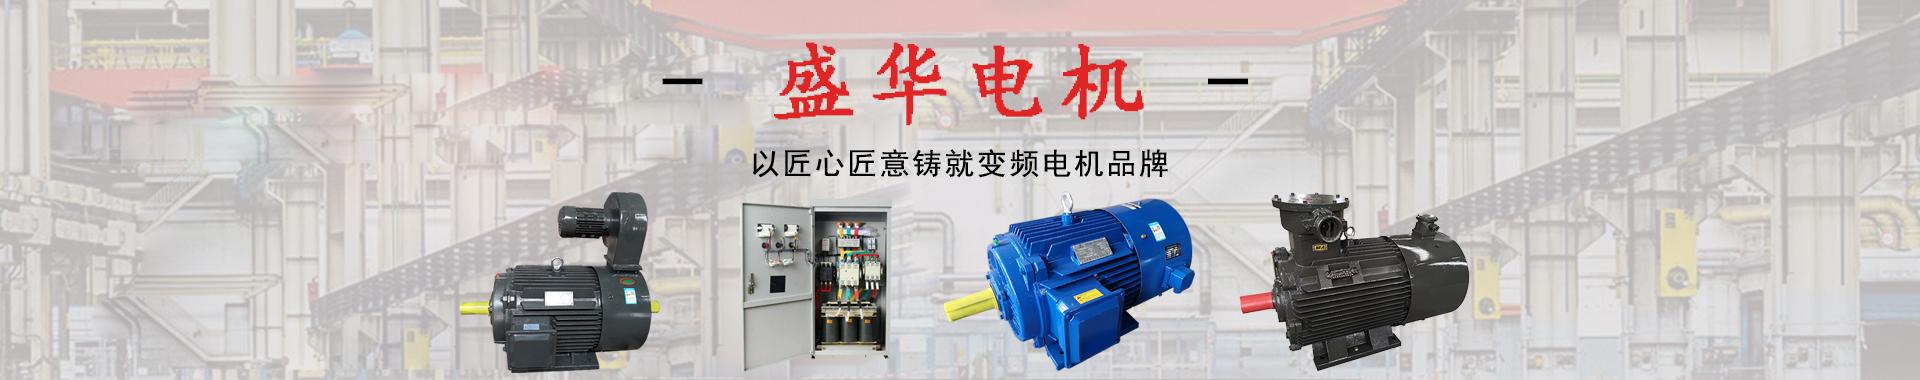 盛华电机专业变频电机生产厂家